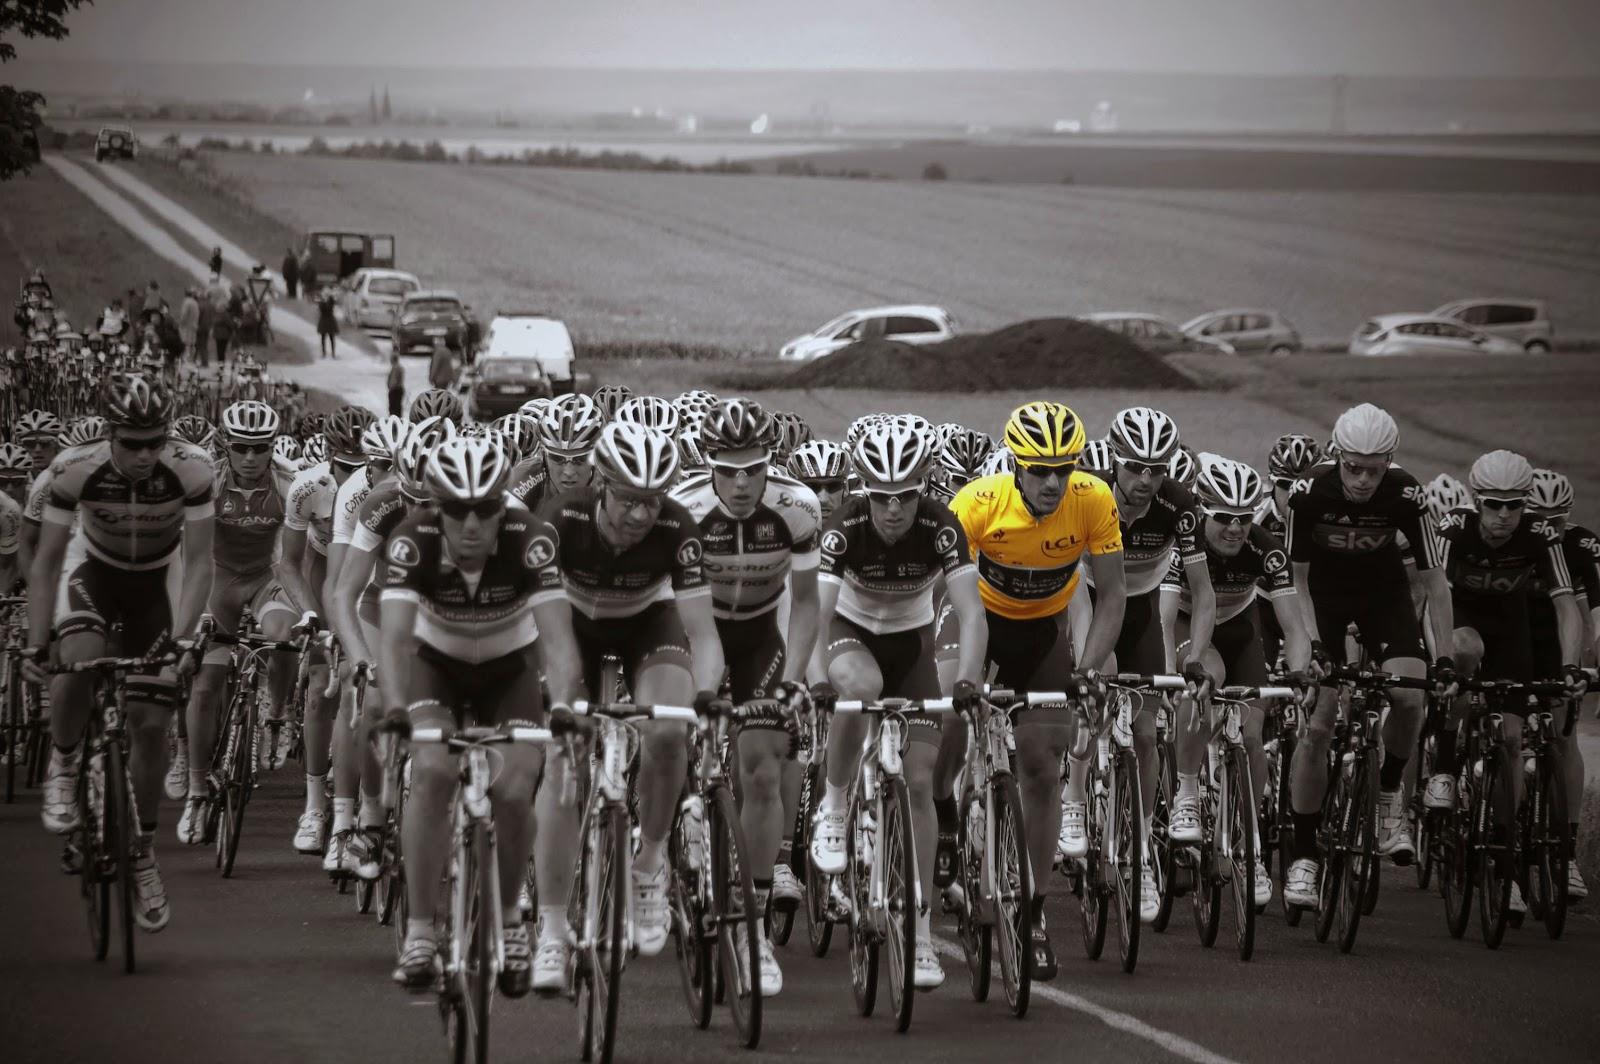 Tour De France 2015 Wallpapers Images Pictures 1600x1064